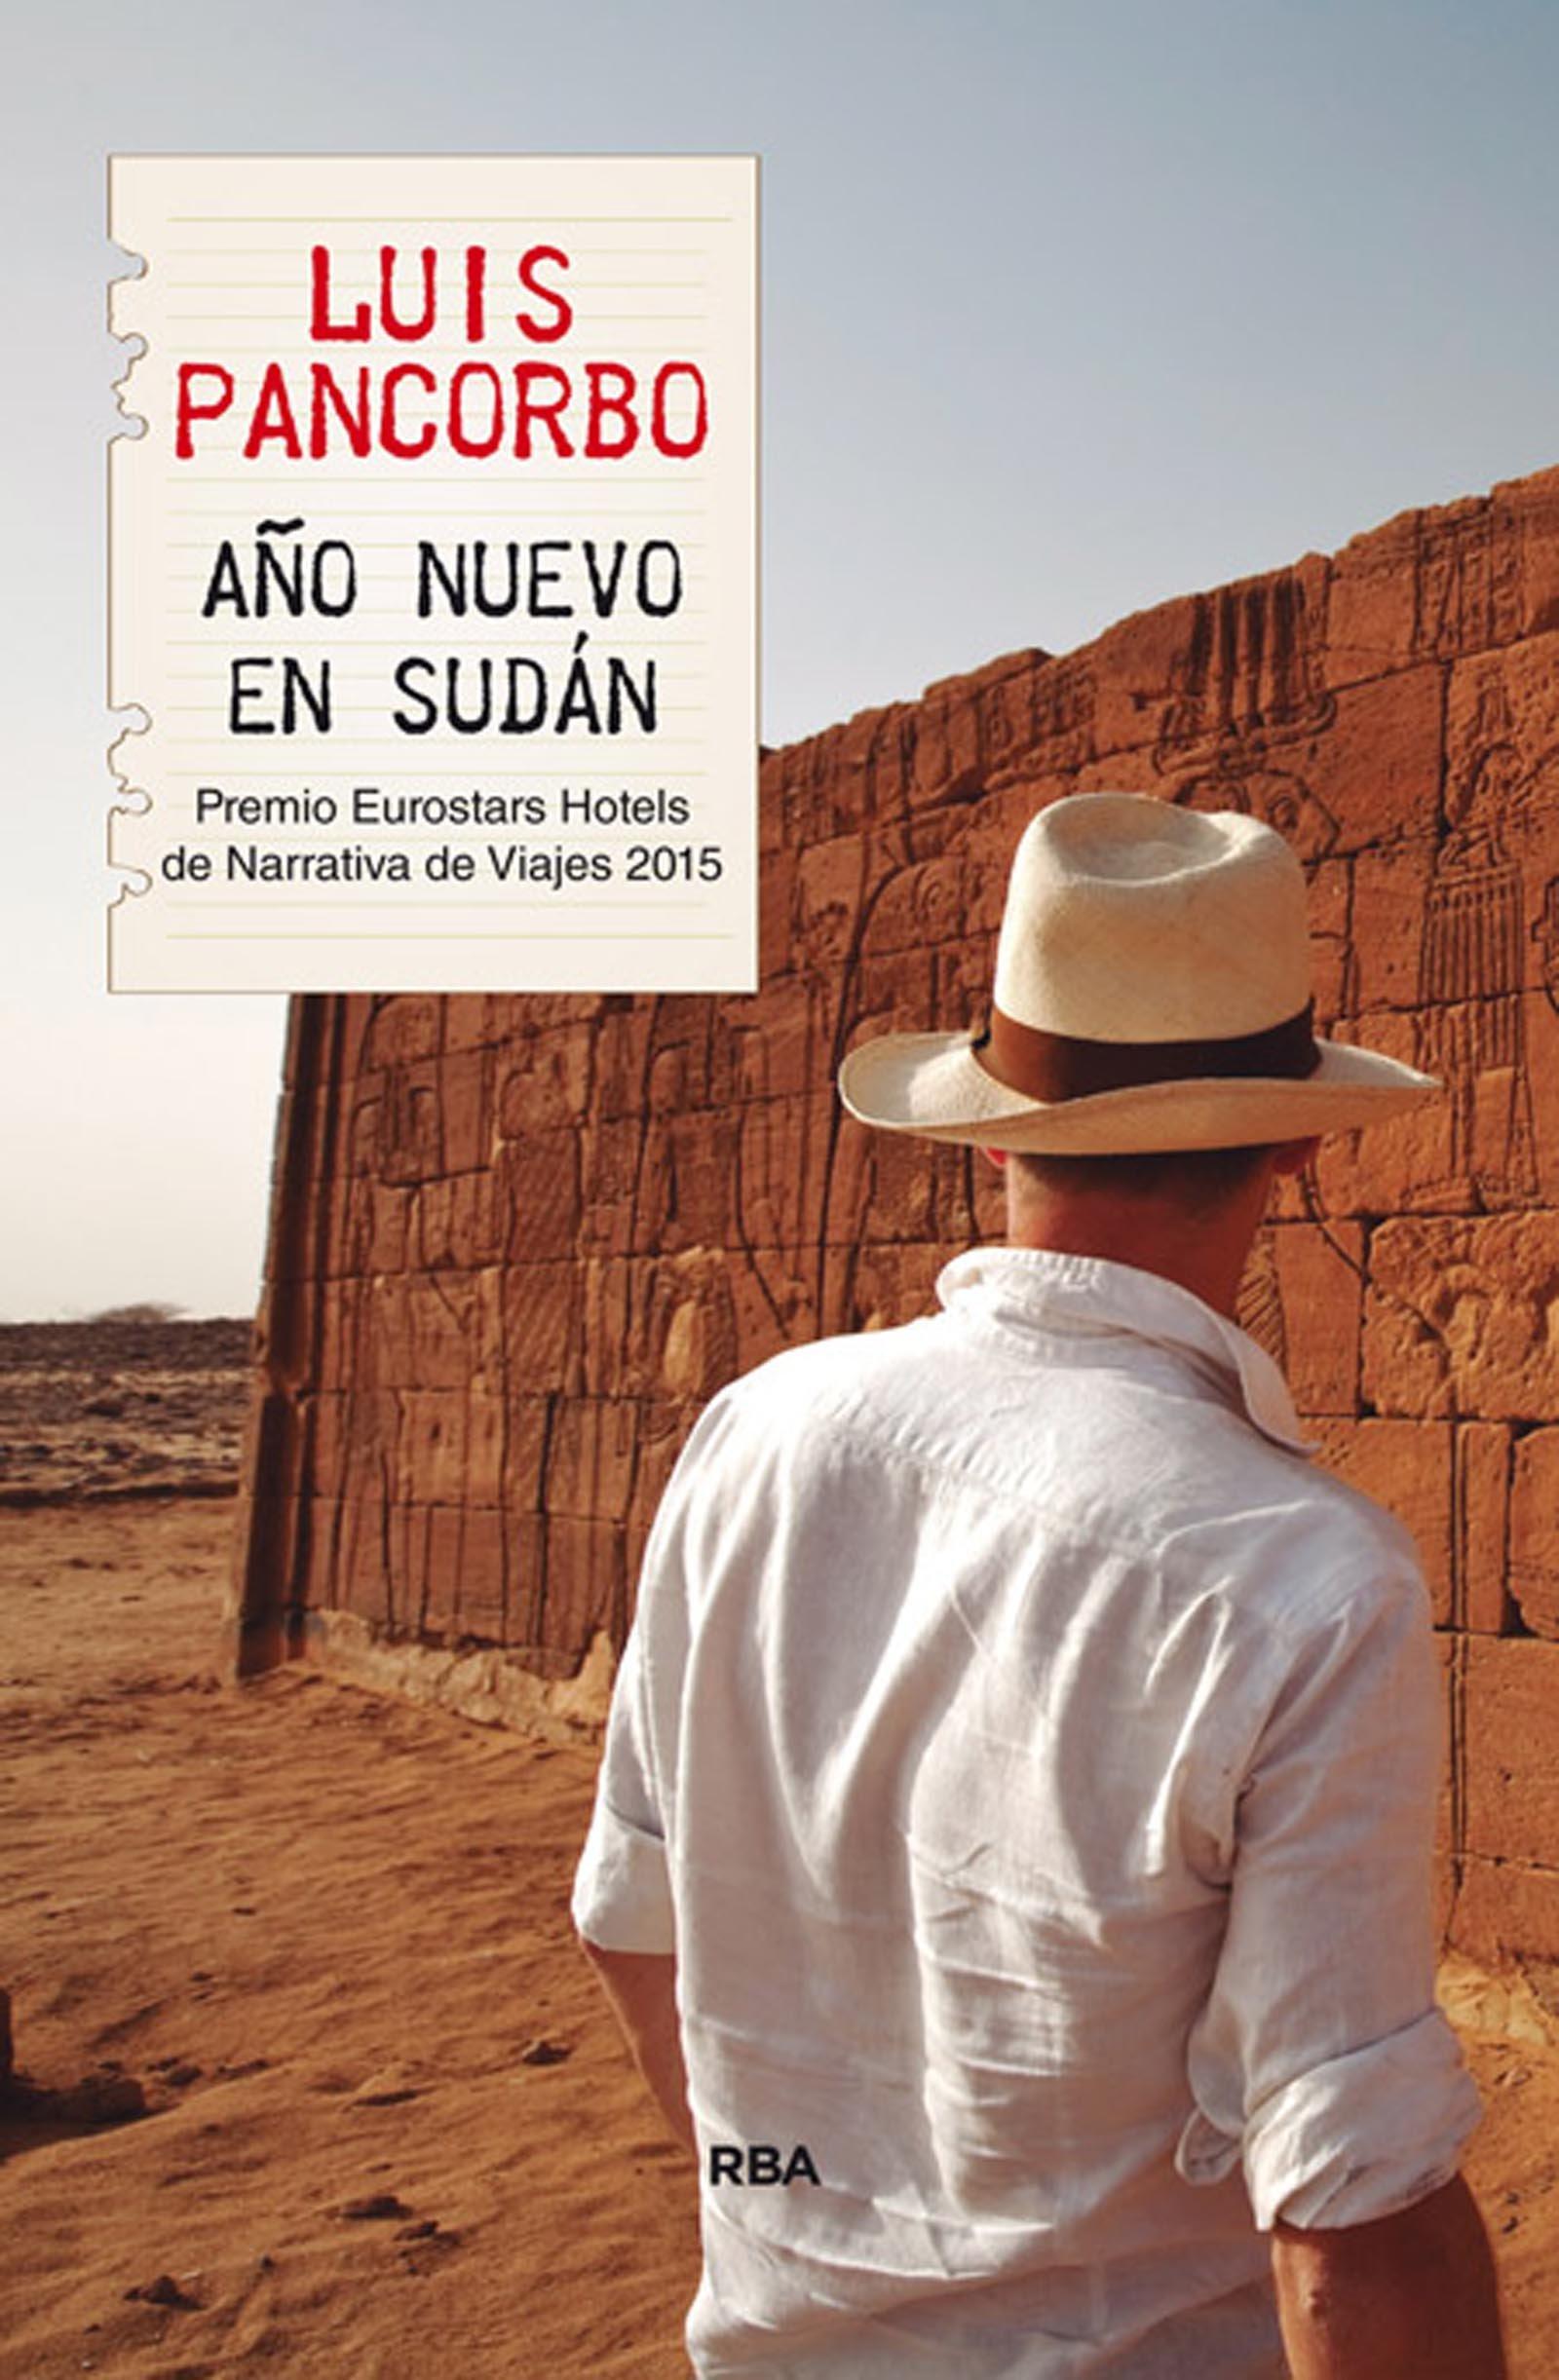 Año nuevo en Sudán: Premio Hotusa 2015 (OTROS NO FICCIÓN) Tapa blanda – 10 sep 2015 LUIS PANCORBO RBA Libros 8490566127 Literatura de viajes